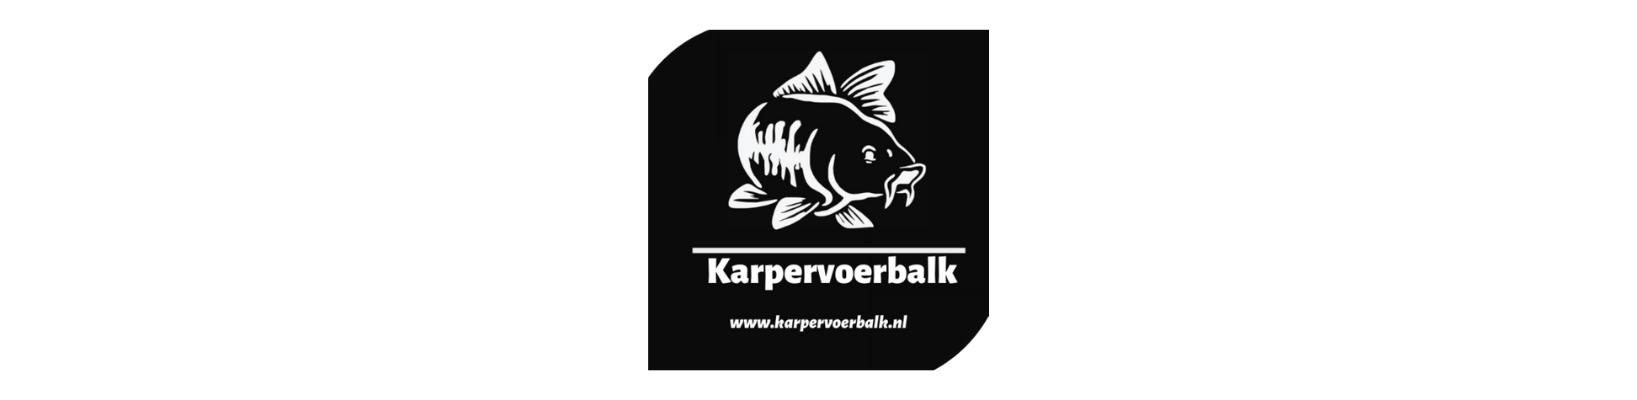 Karpervoer Balk